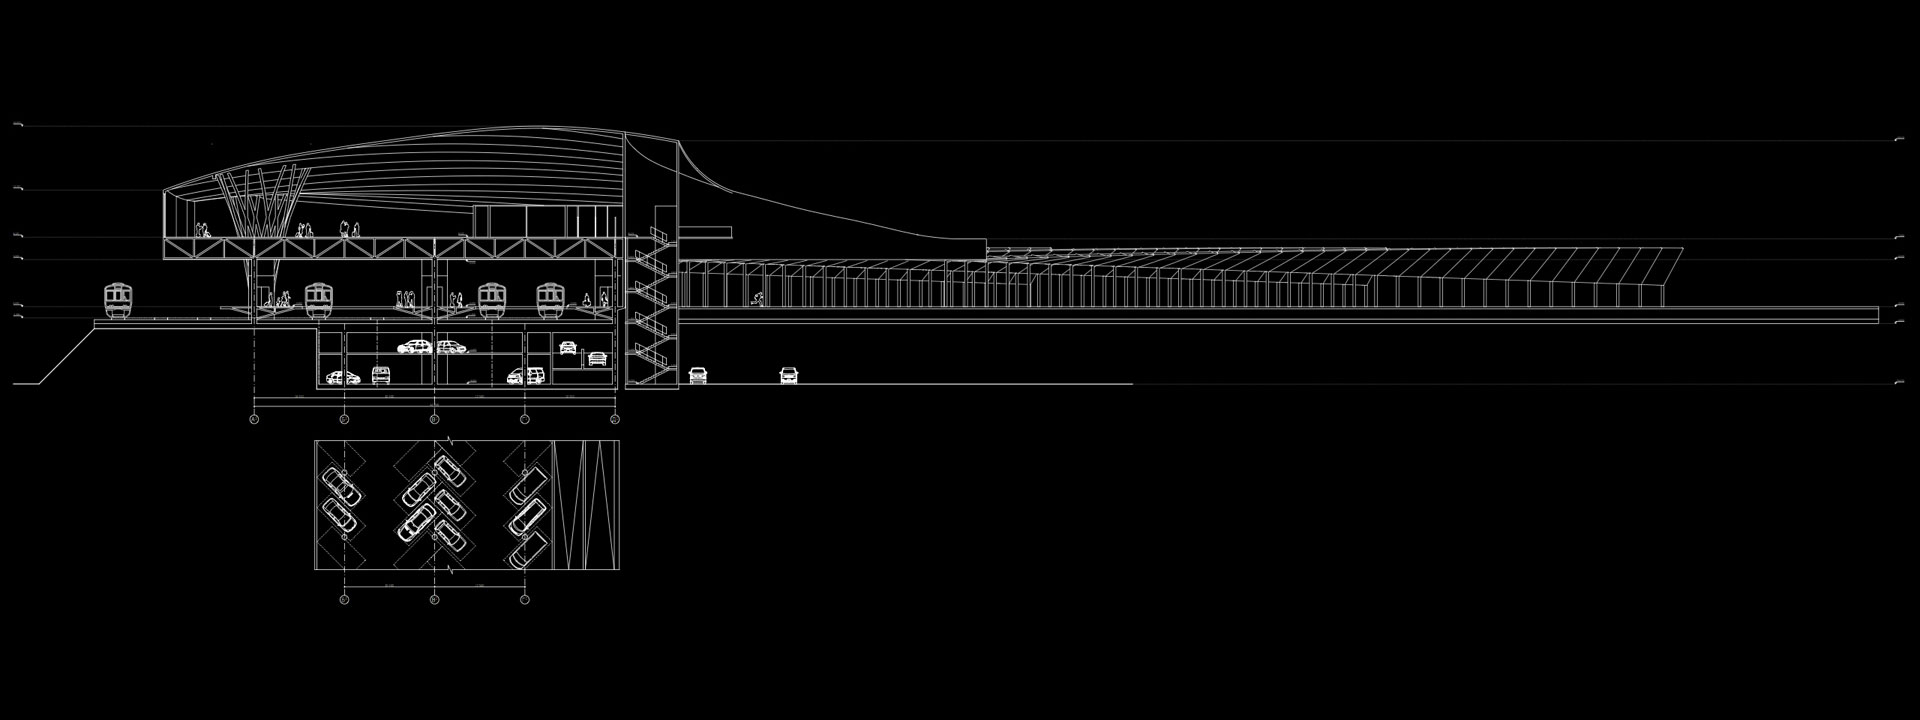 Сырец транспортный узел проект вертикальный разрез